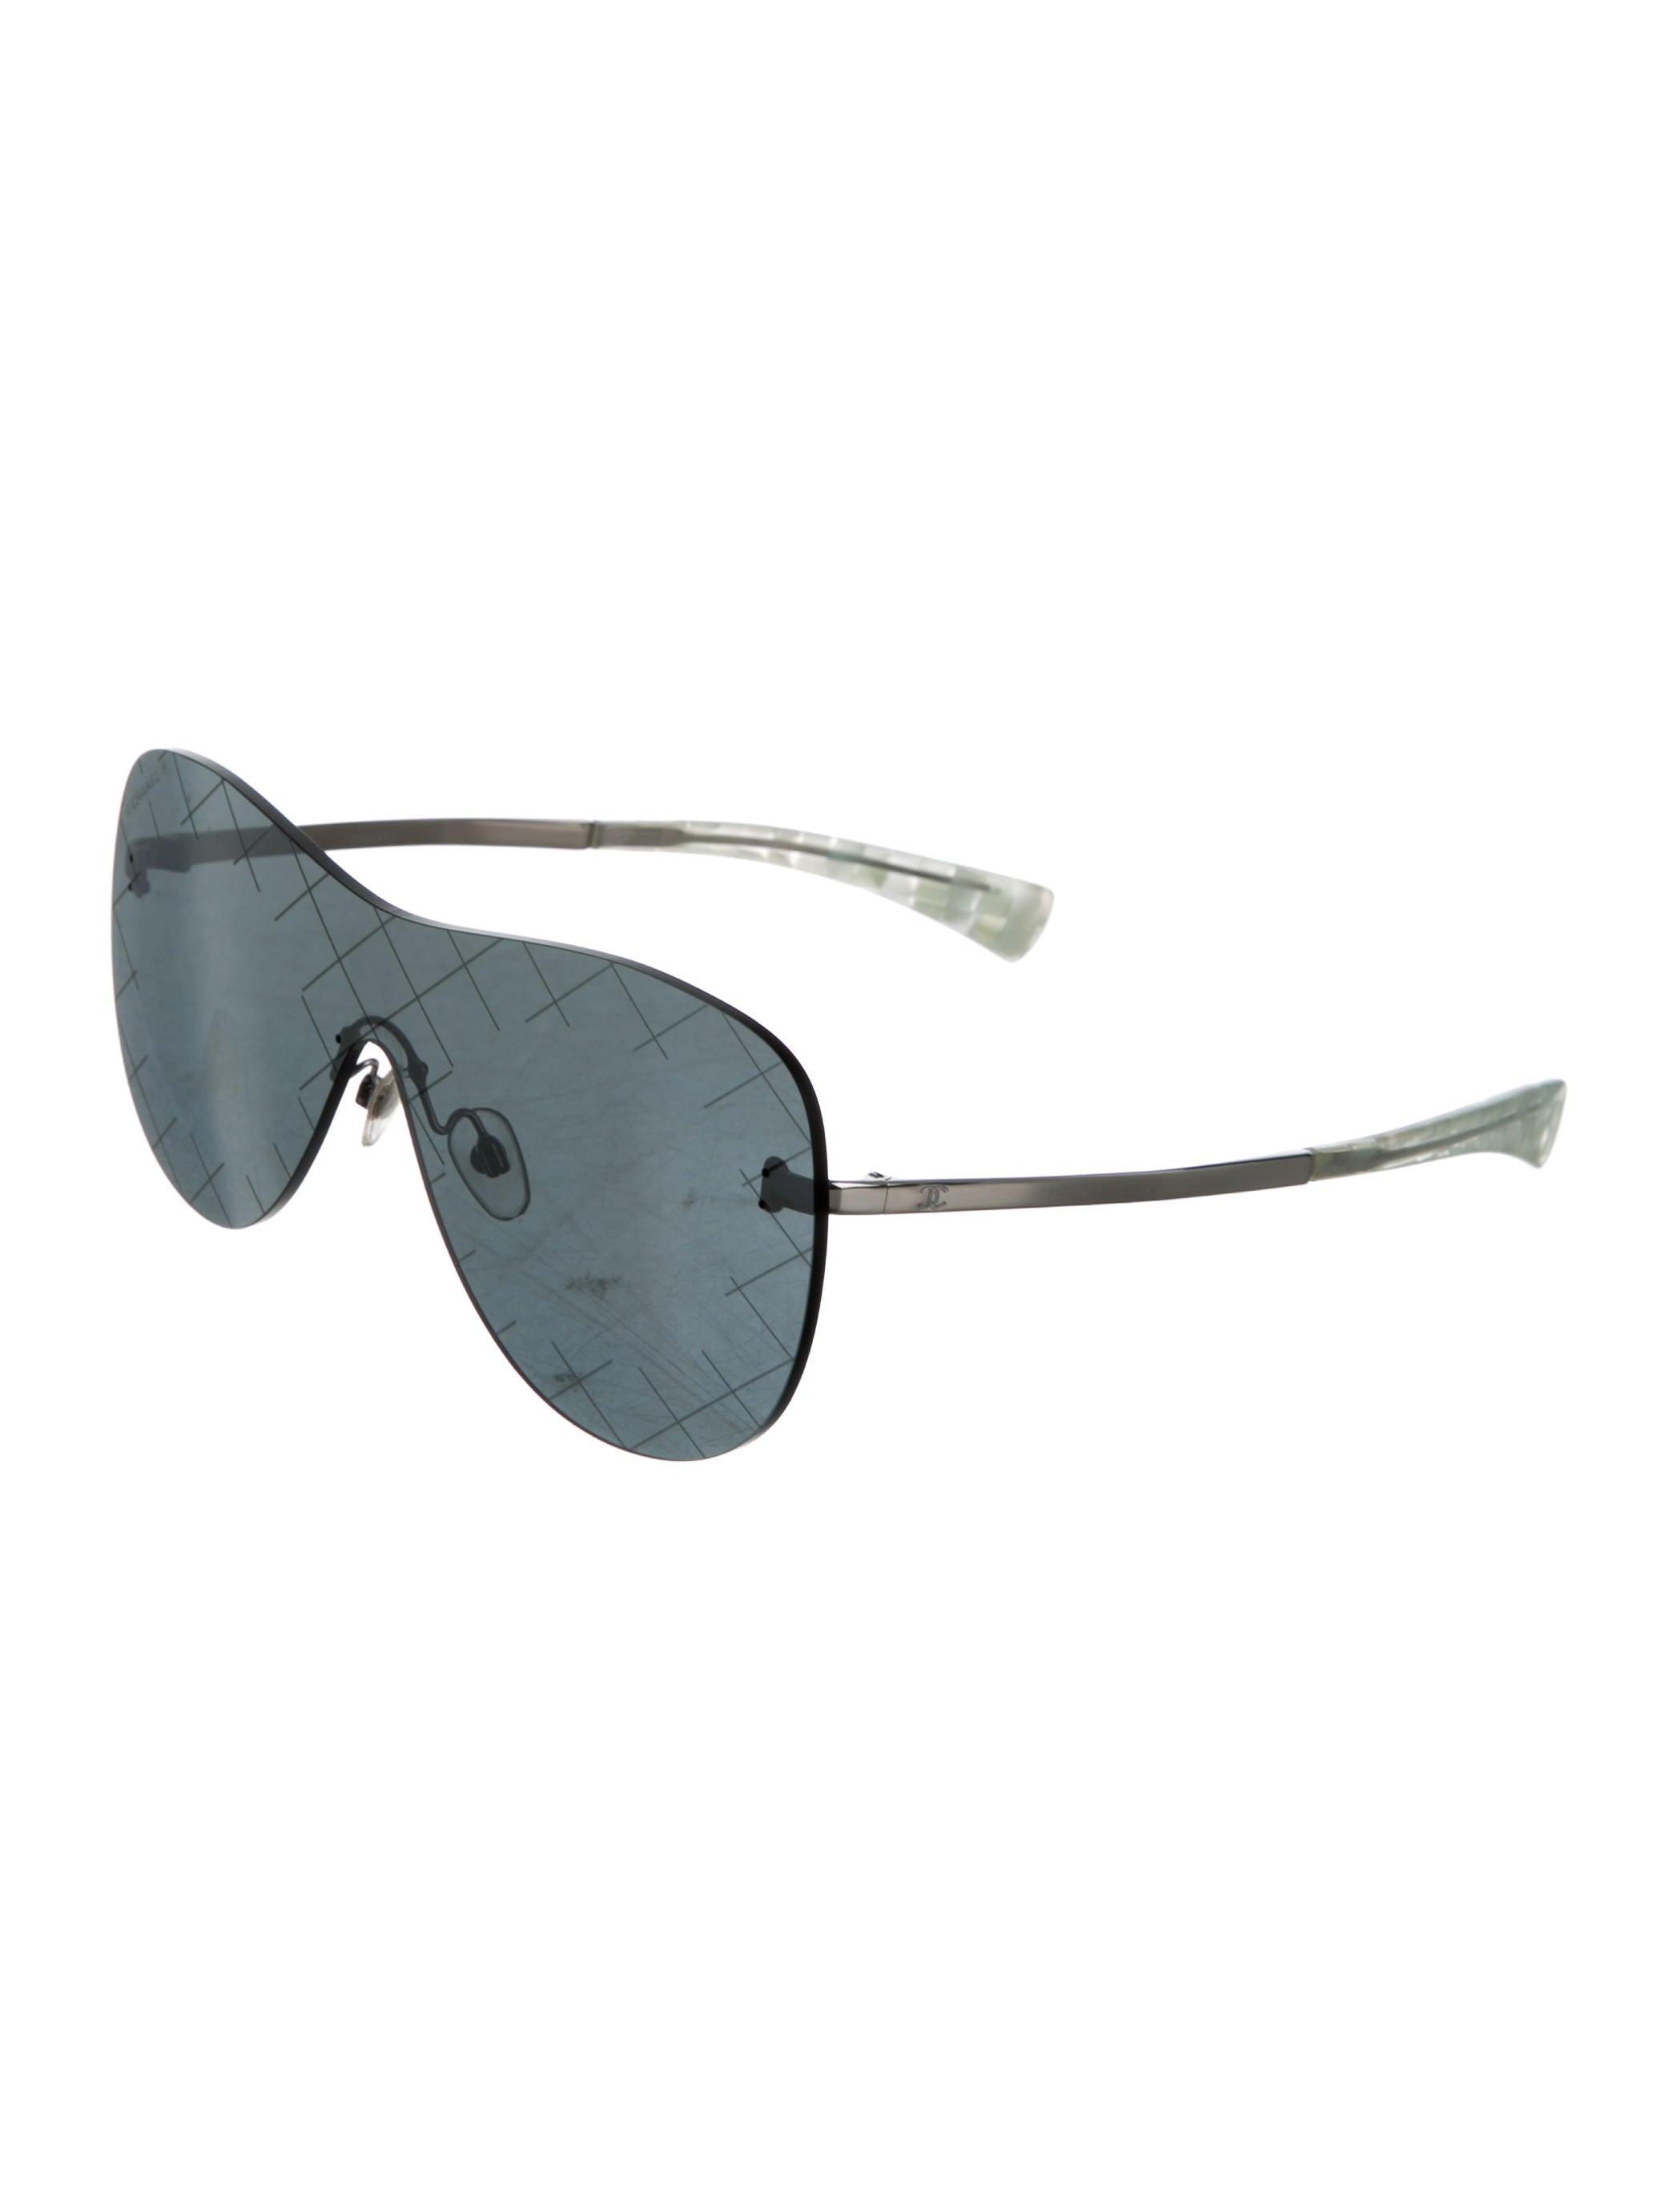 Rimless Chanel Glasses : Chanel Rimless Shield Sunglasses - Accessories - CHA160587 ...